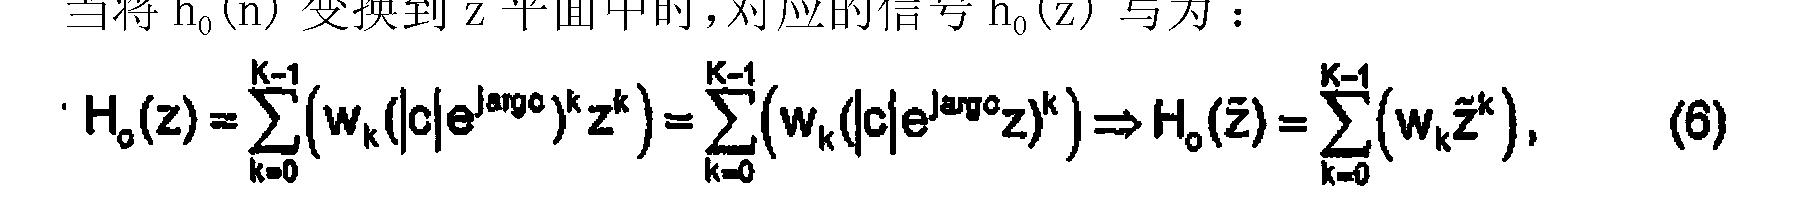 Figure CN101884136BD00064